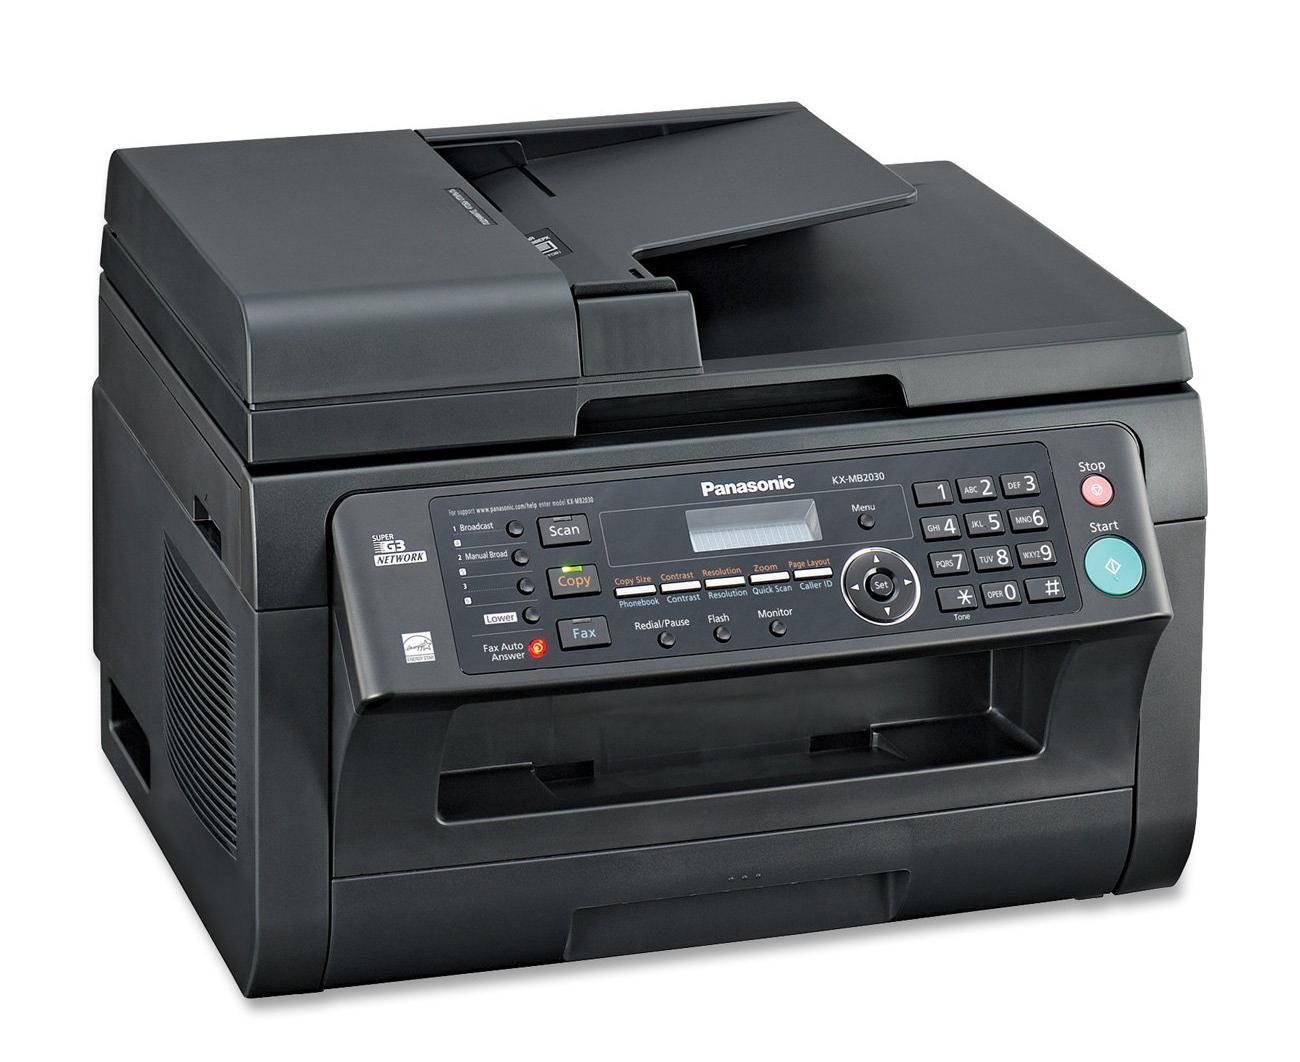 فکس چهار کاره پاناسونیک KX-MB2030